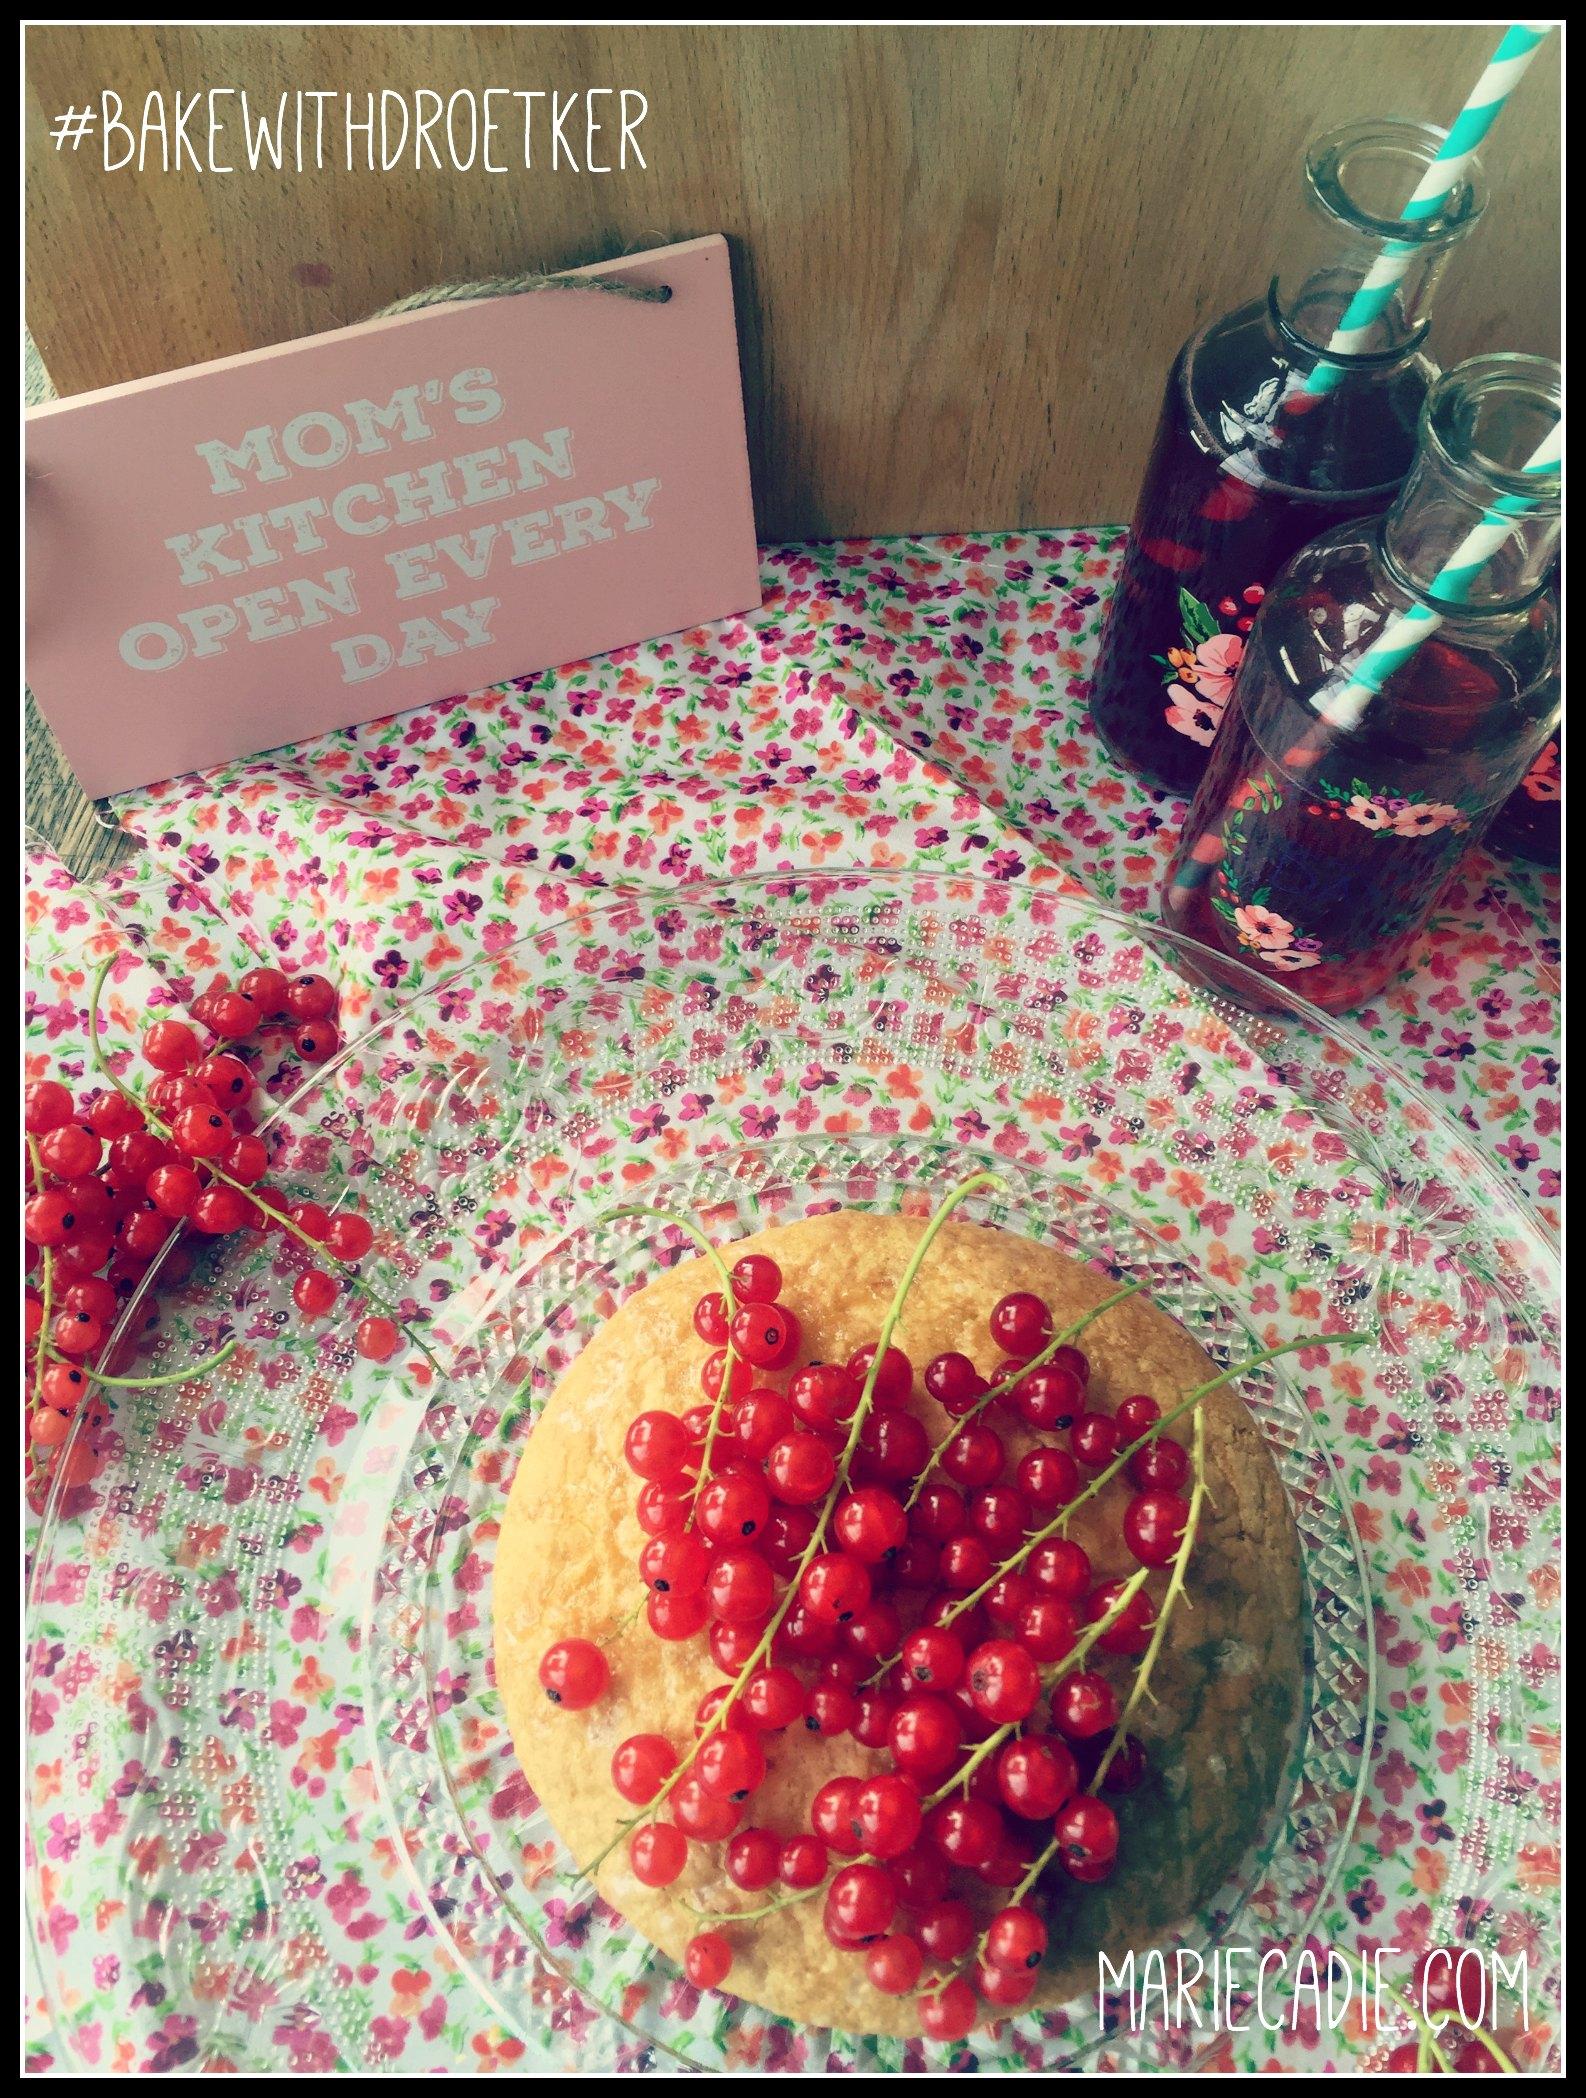 MarieCadie.com rode besjes cake 2  DrOetker